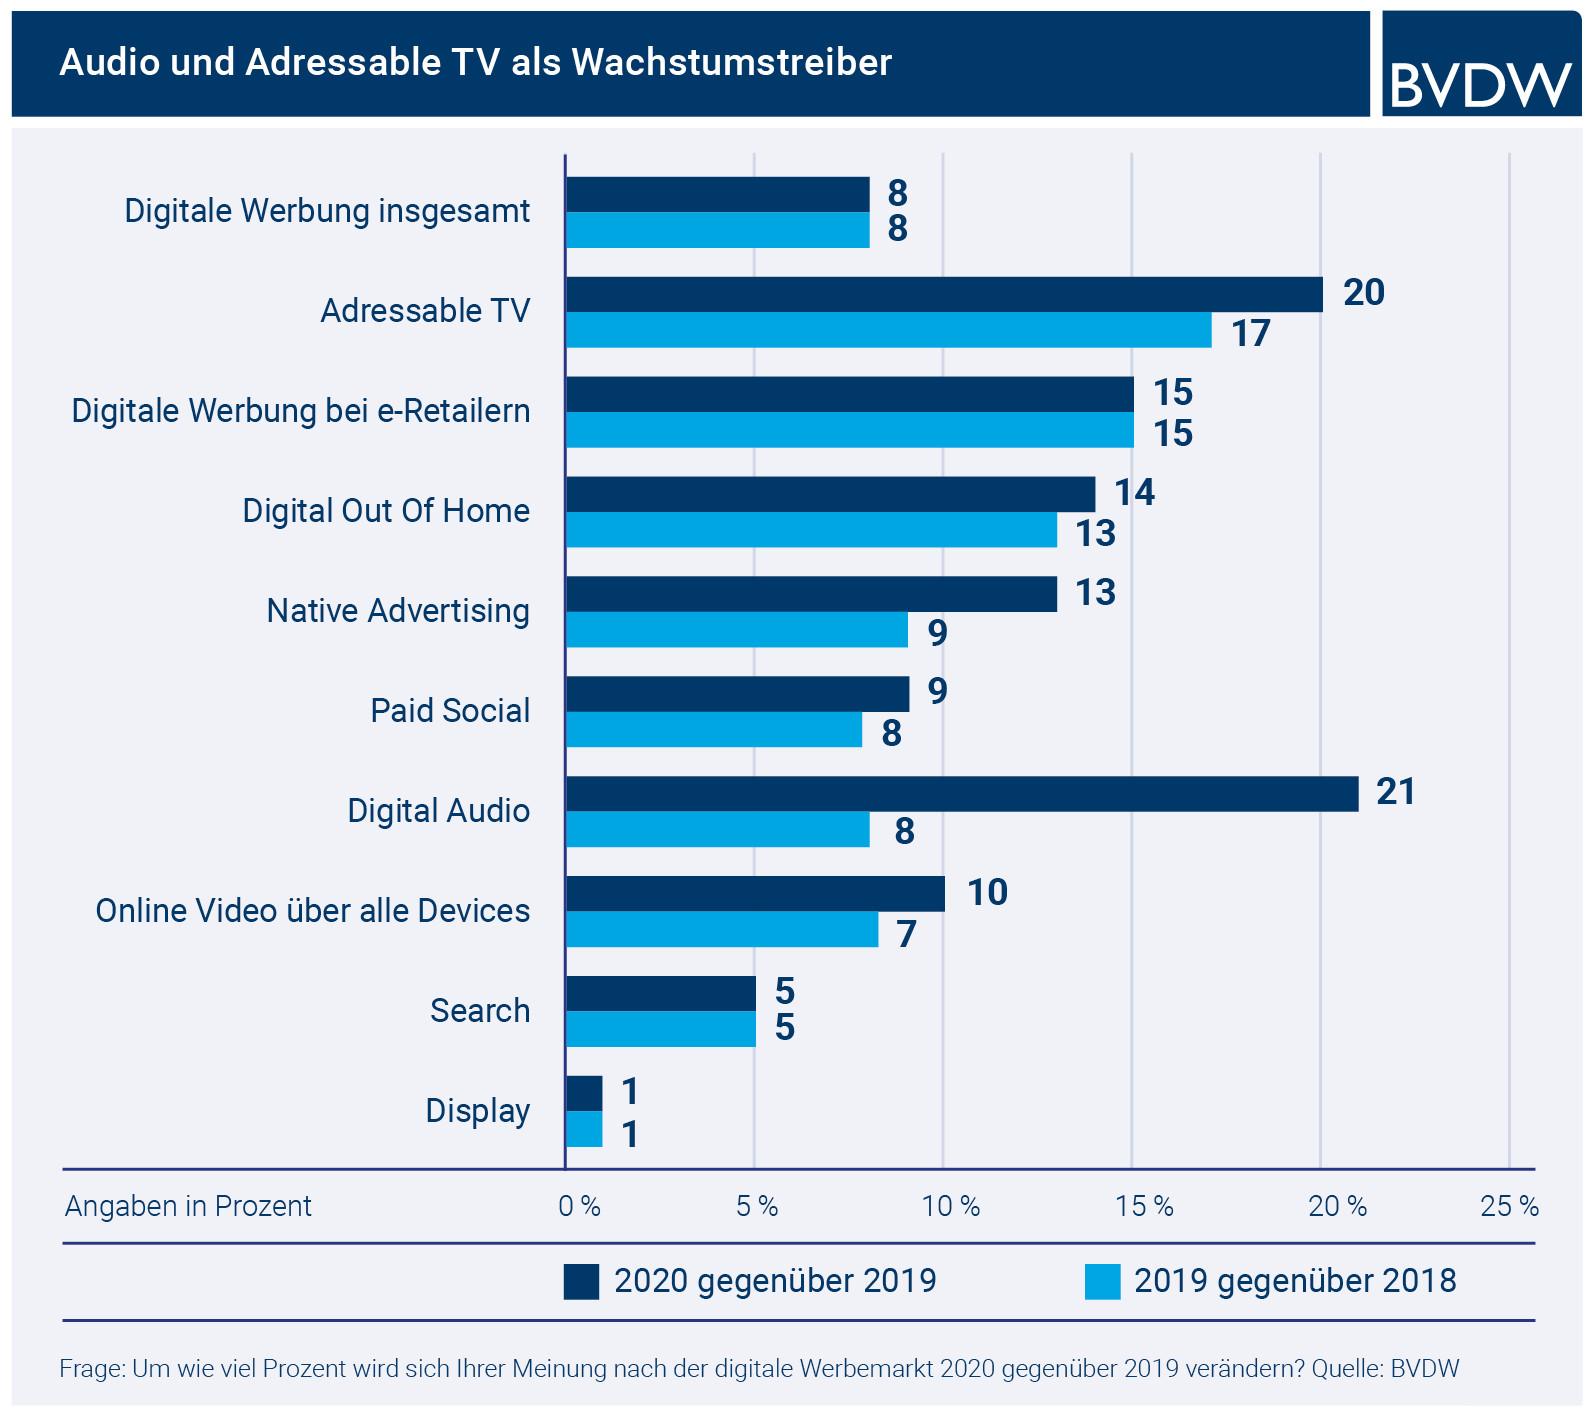 FOMA Trendmonitor 2019: Digital Audio und Addressable TV sind die stärksten Wachstumgstreiber